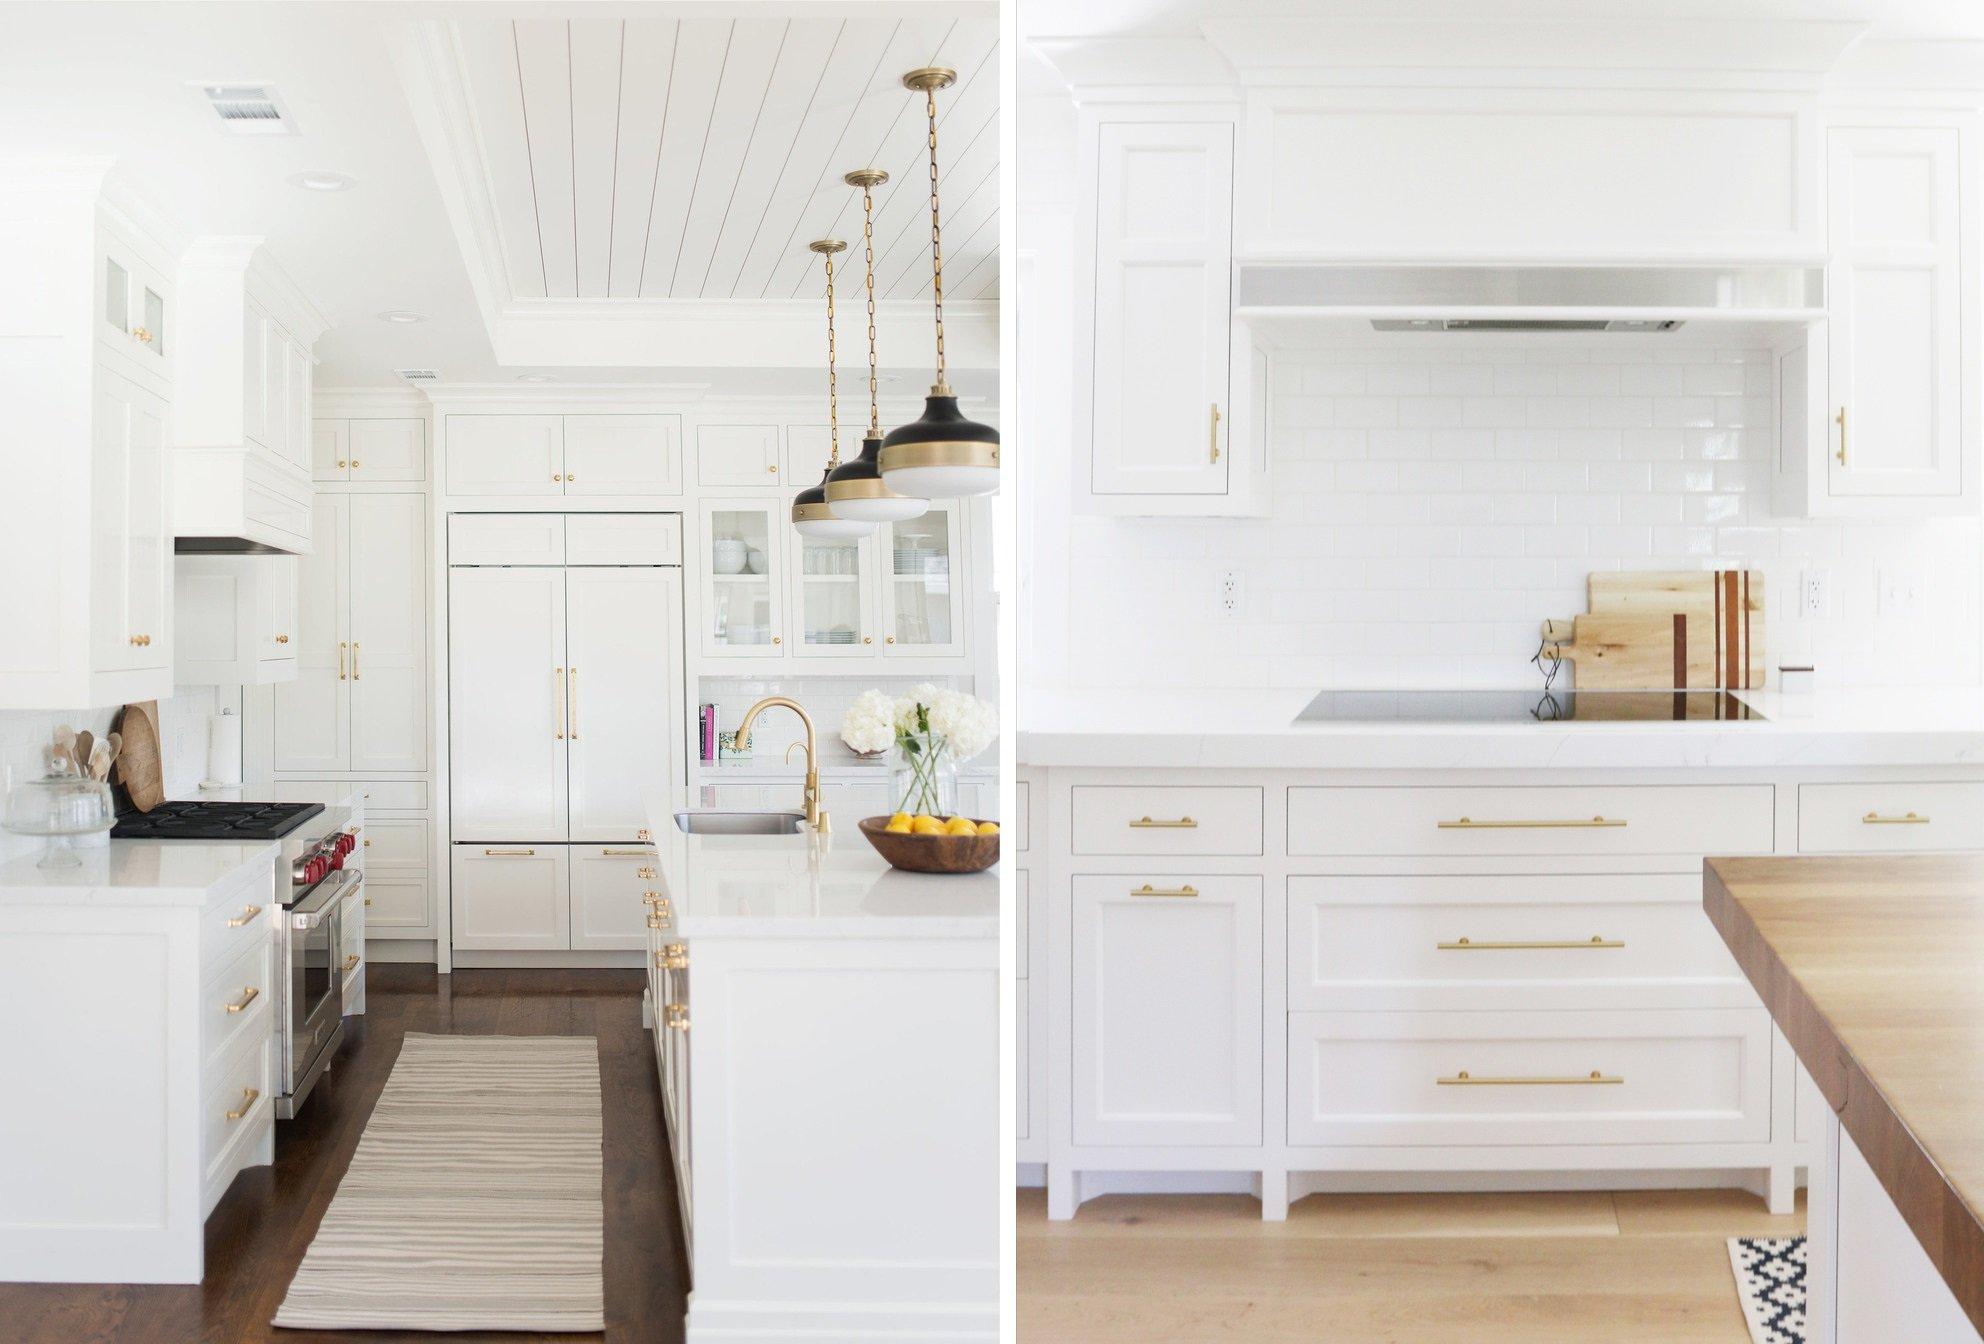 gold kitchen handles in white kitchens